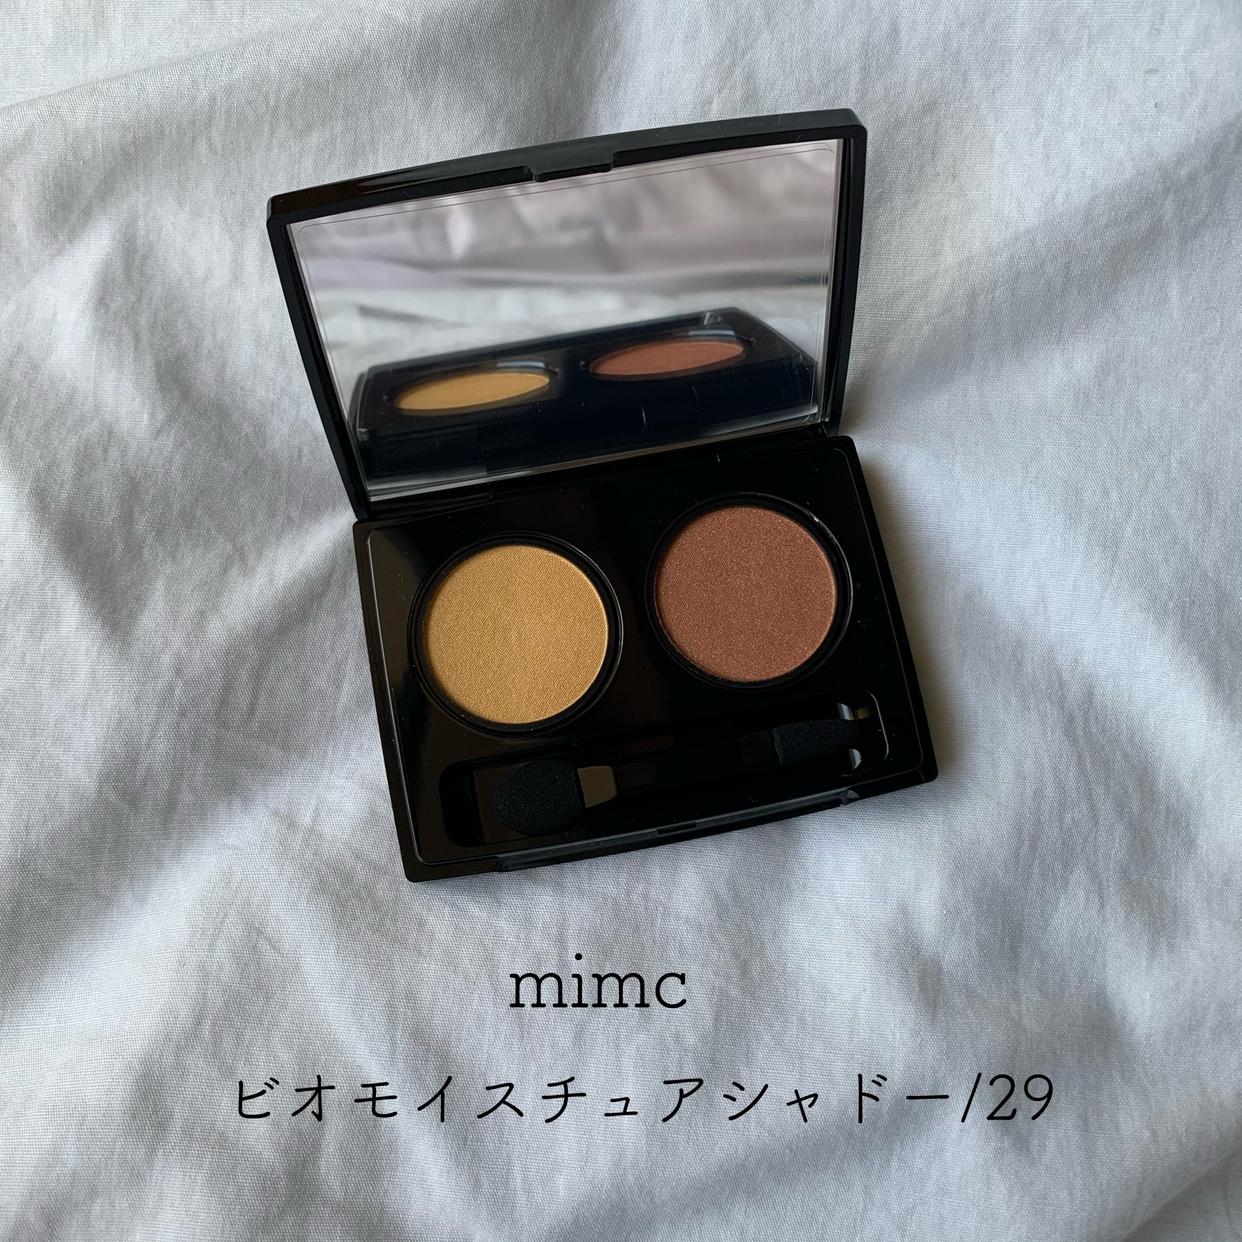 MiMC(エムアイエムシー) ビオモイスチュアシャドーを使ったとあさんのクチコミ画像1